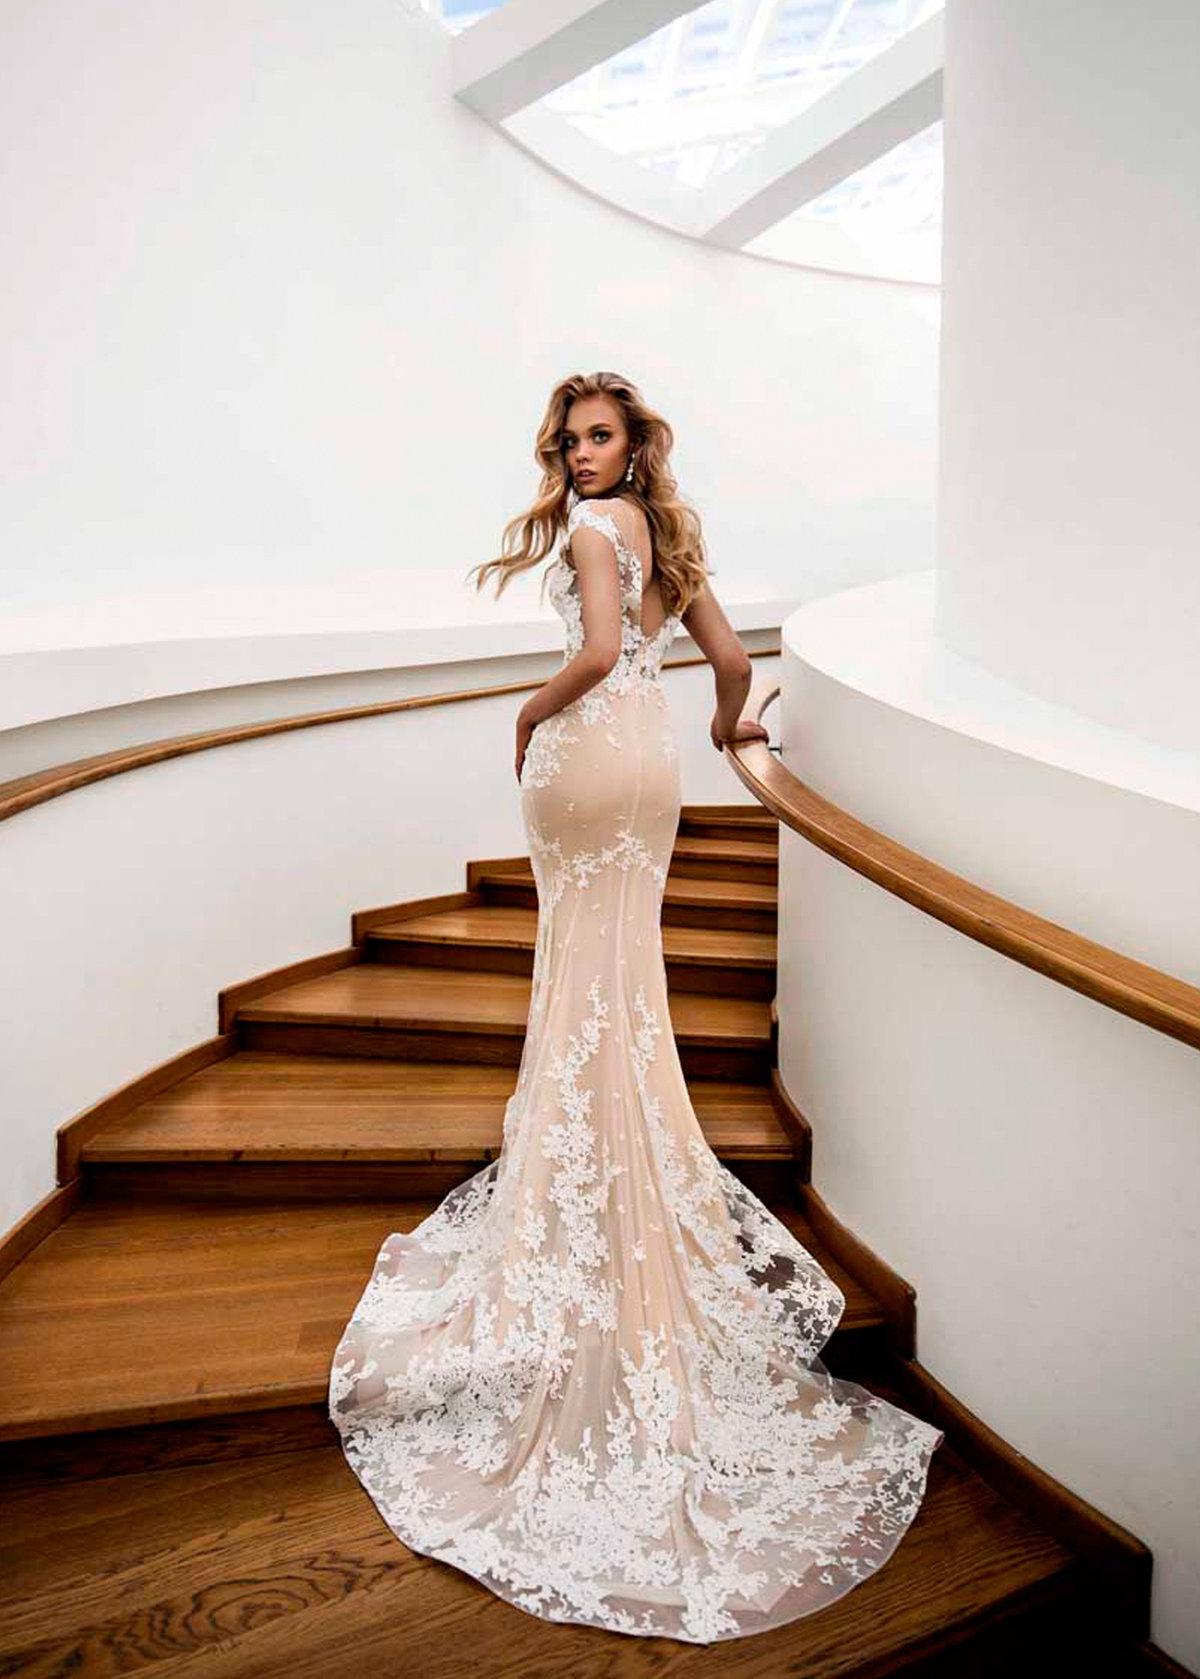 объявлений картинки эксклюзивные свадебные платья повесив